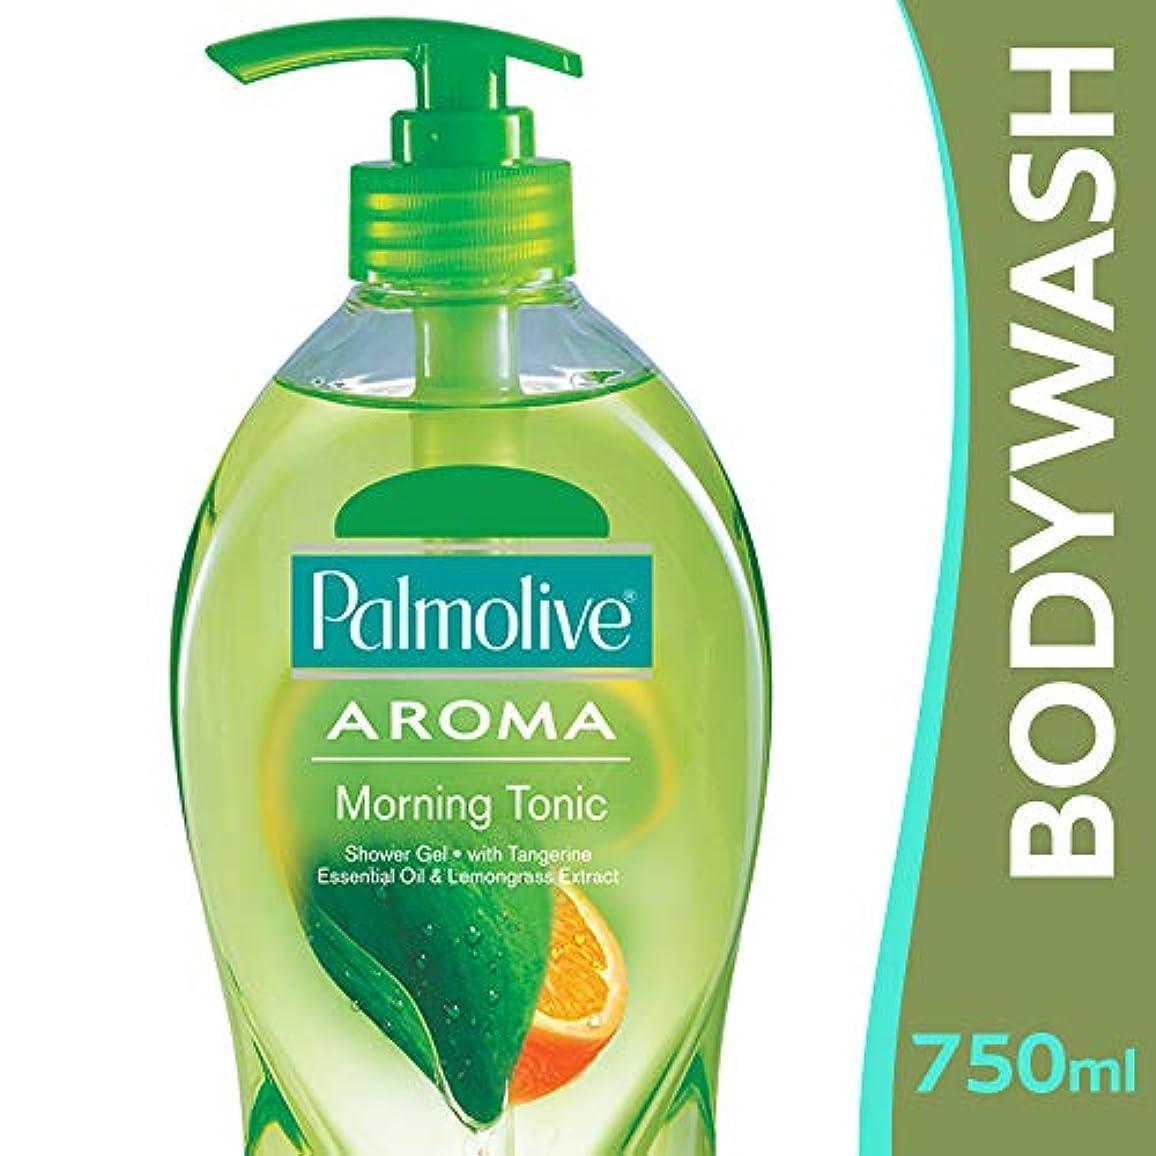 減らす彼女の正当な【Palmolive】パルモリーブ アロマセラピーシャワージェル(モーニングトニック)750ml